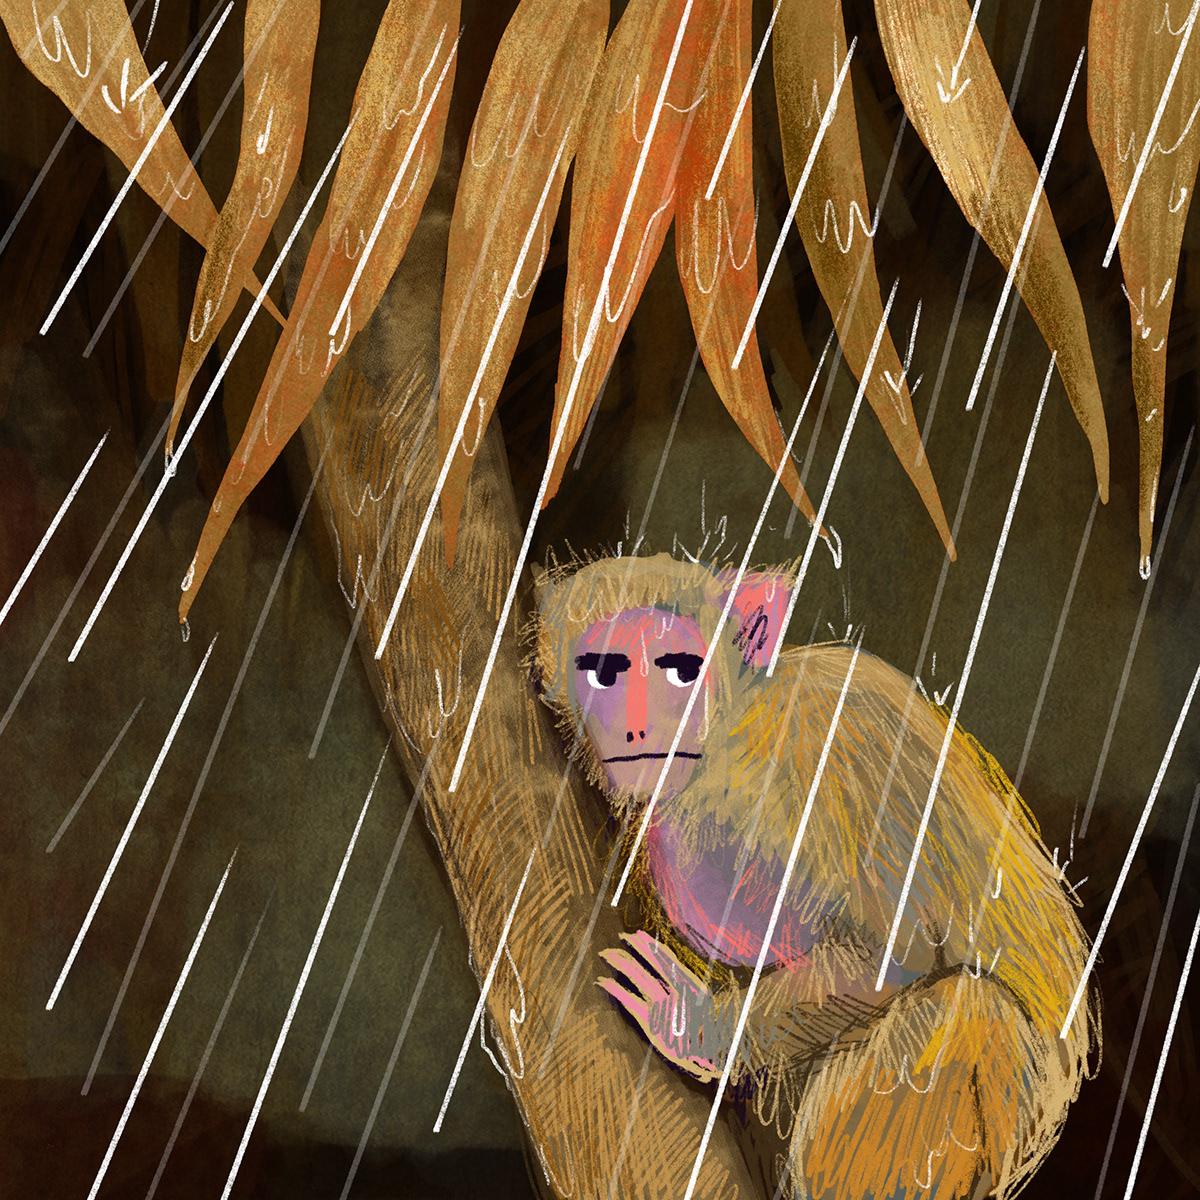 Children's Books children's illustration kidlit kidlitart monkey rain illustration Story Book